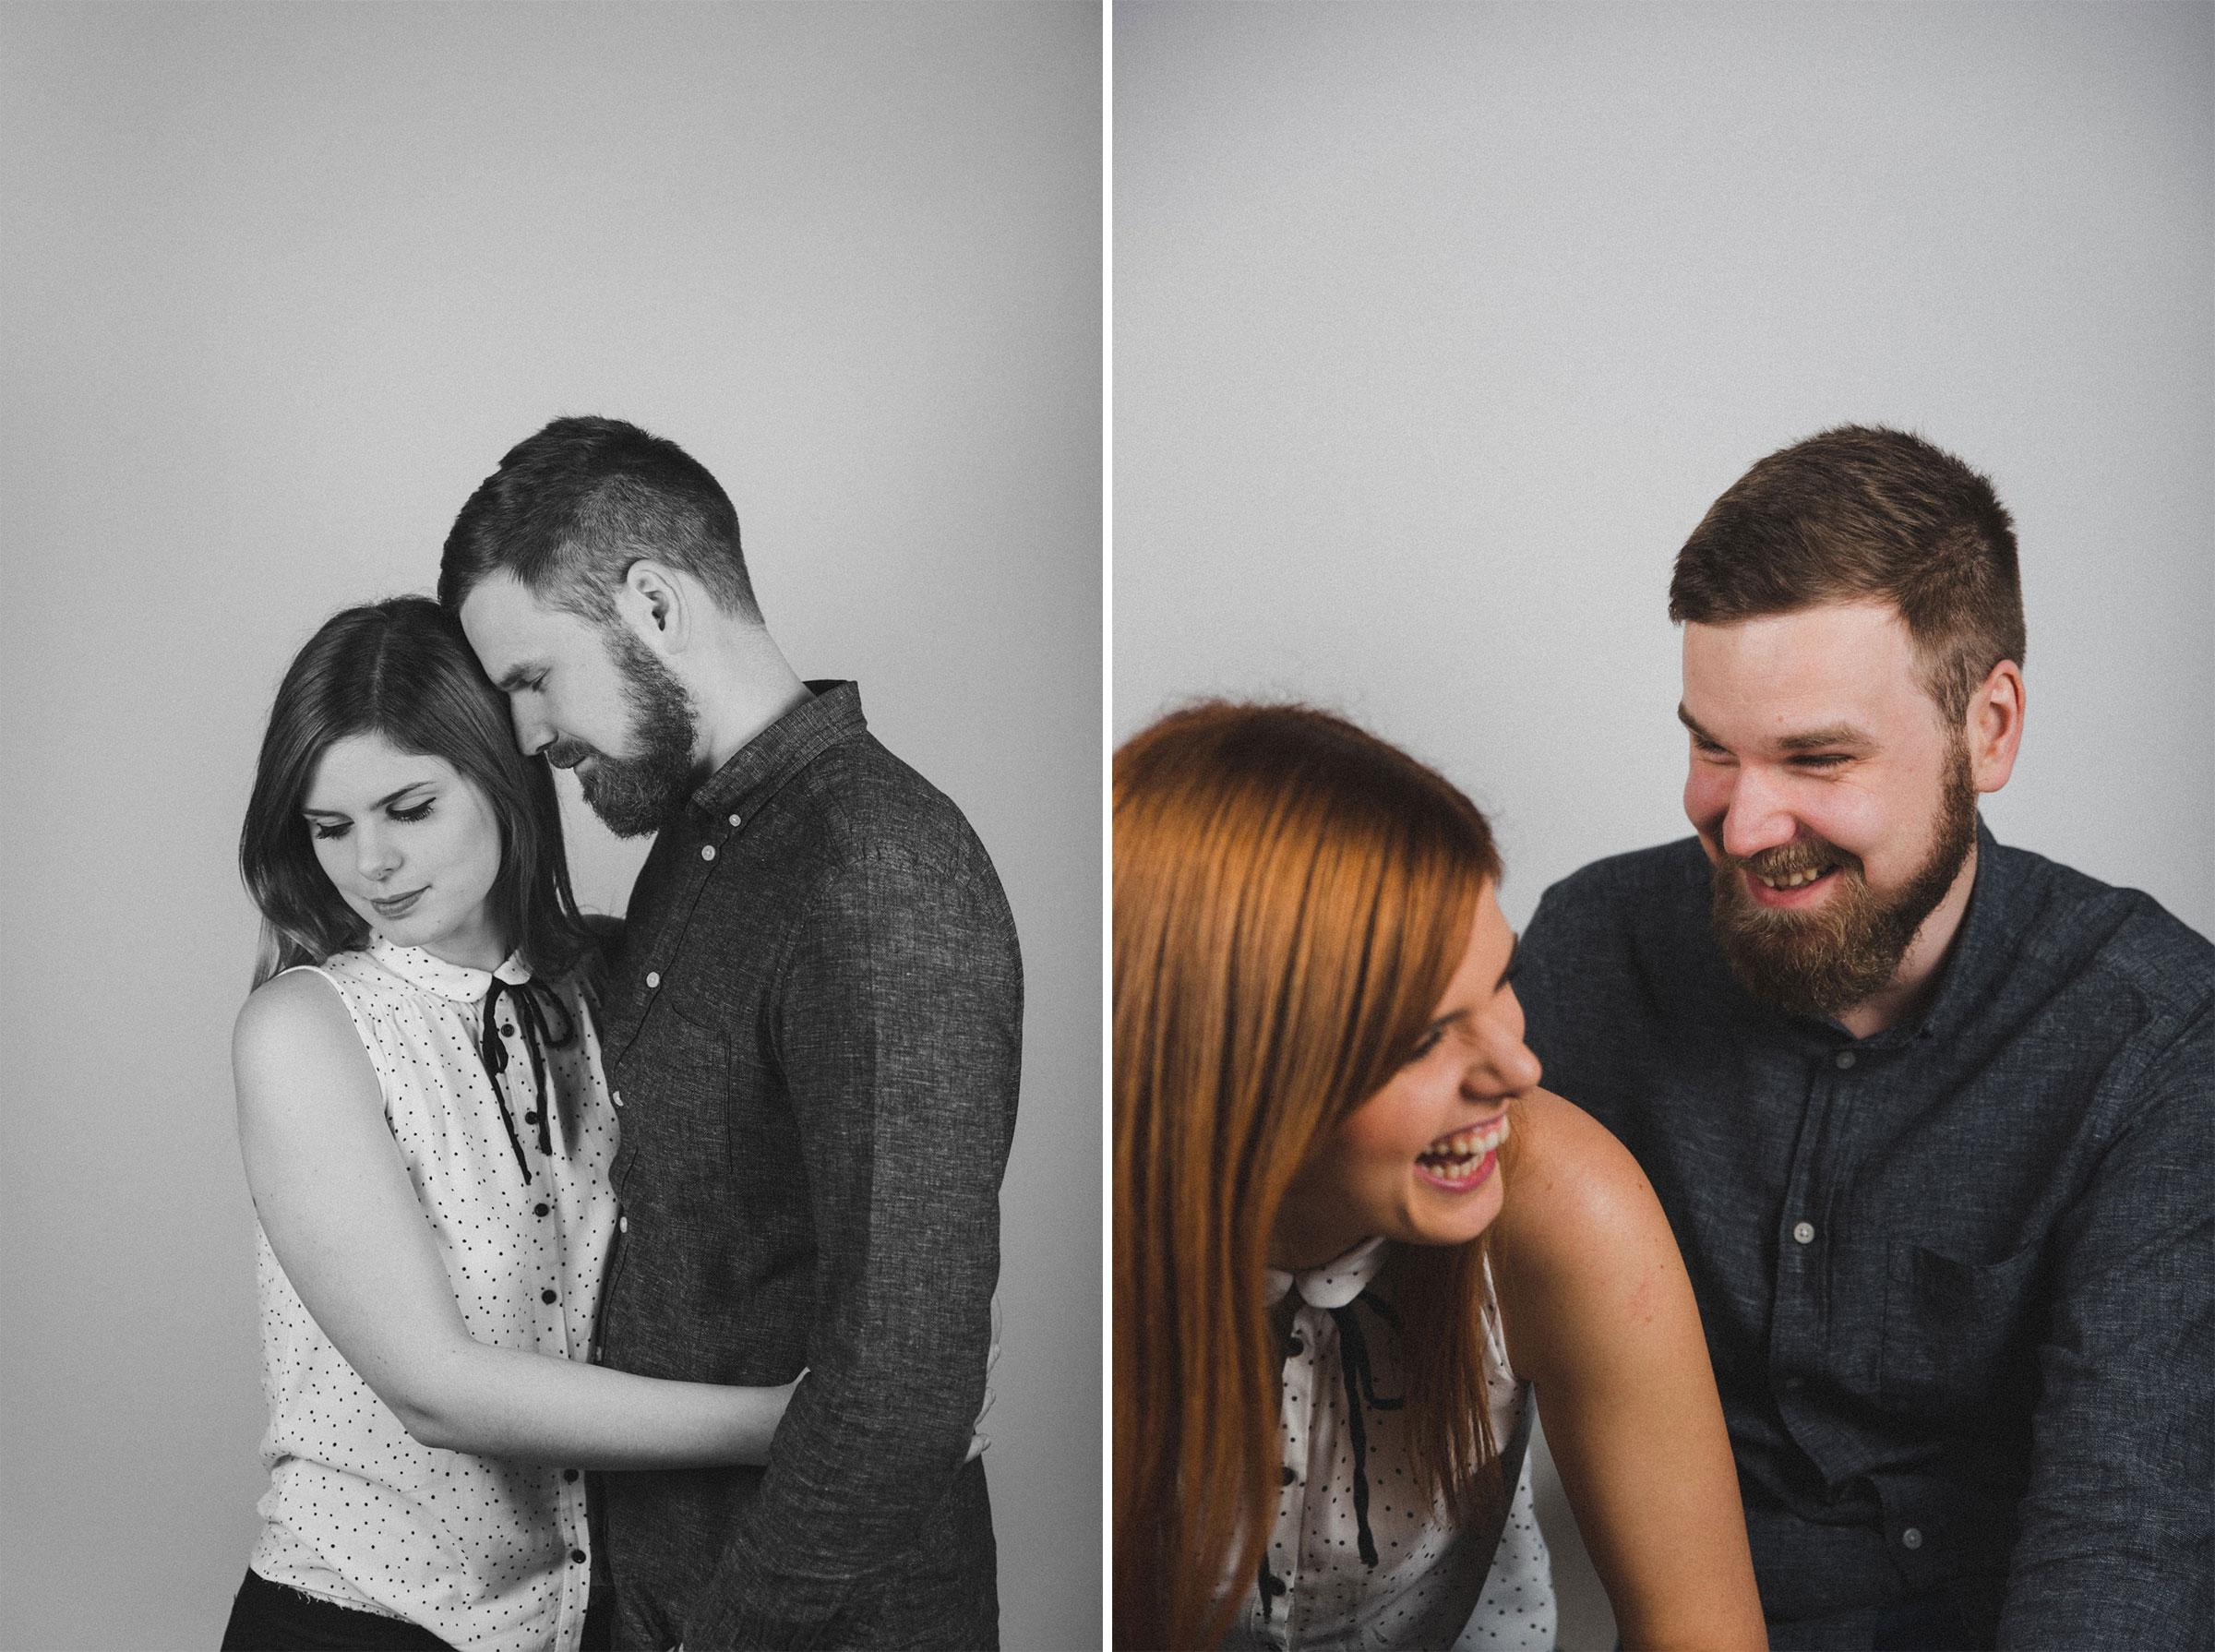 jegyes szerelem fotózás